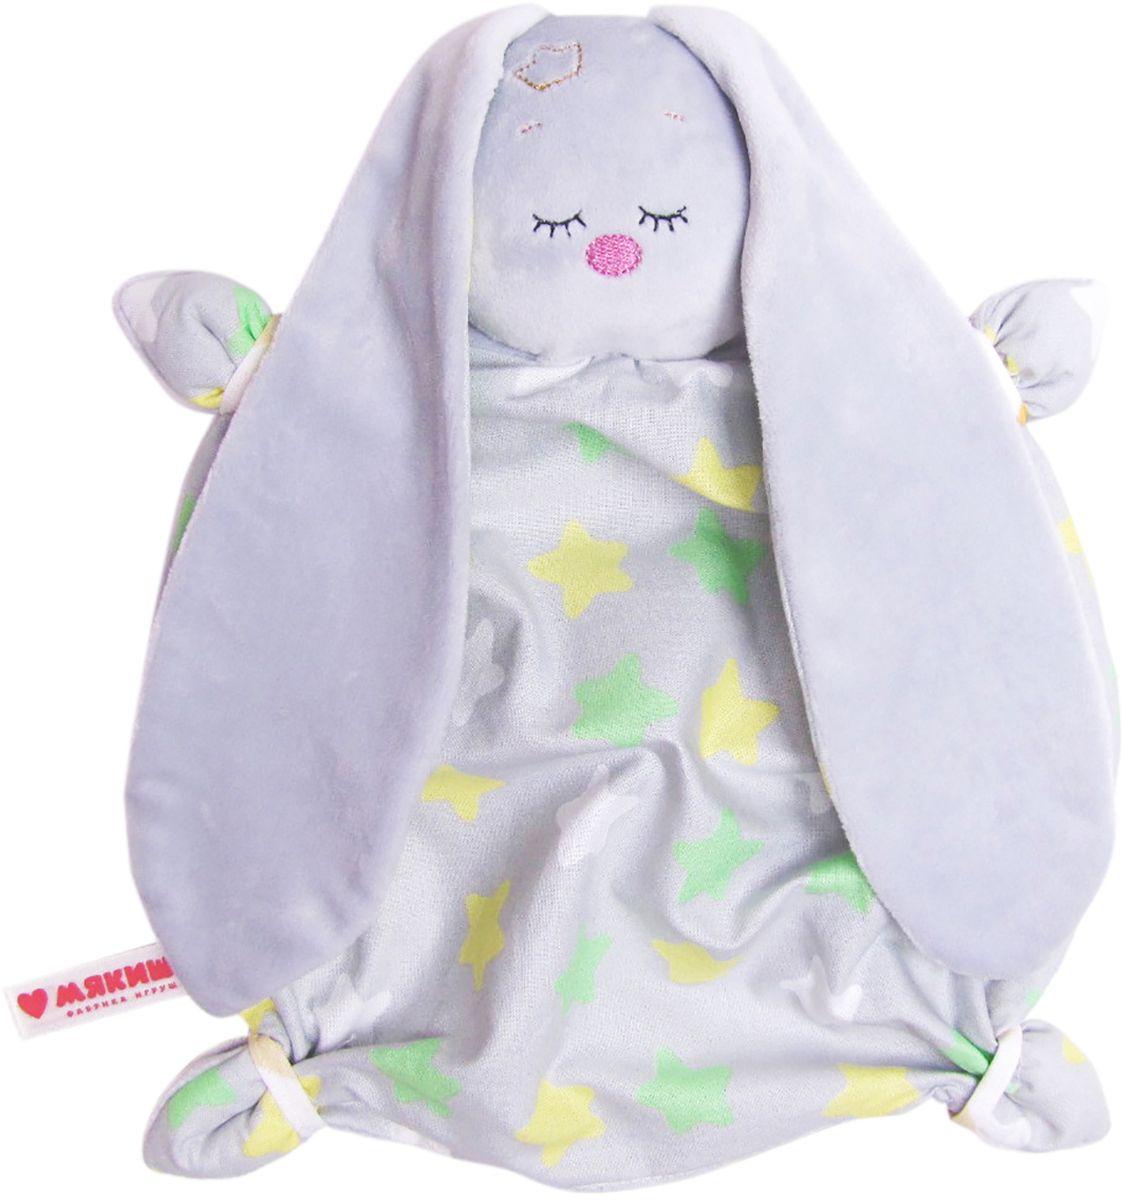 Мякиши Игрушка-комфортер Сплюша цвет серый 43 см cuski комфортер betty из хлопк серый в розовую полоску 99999